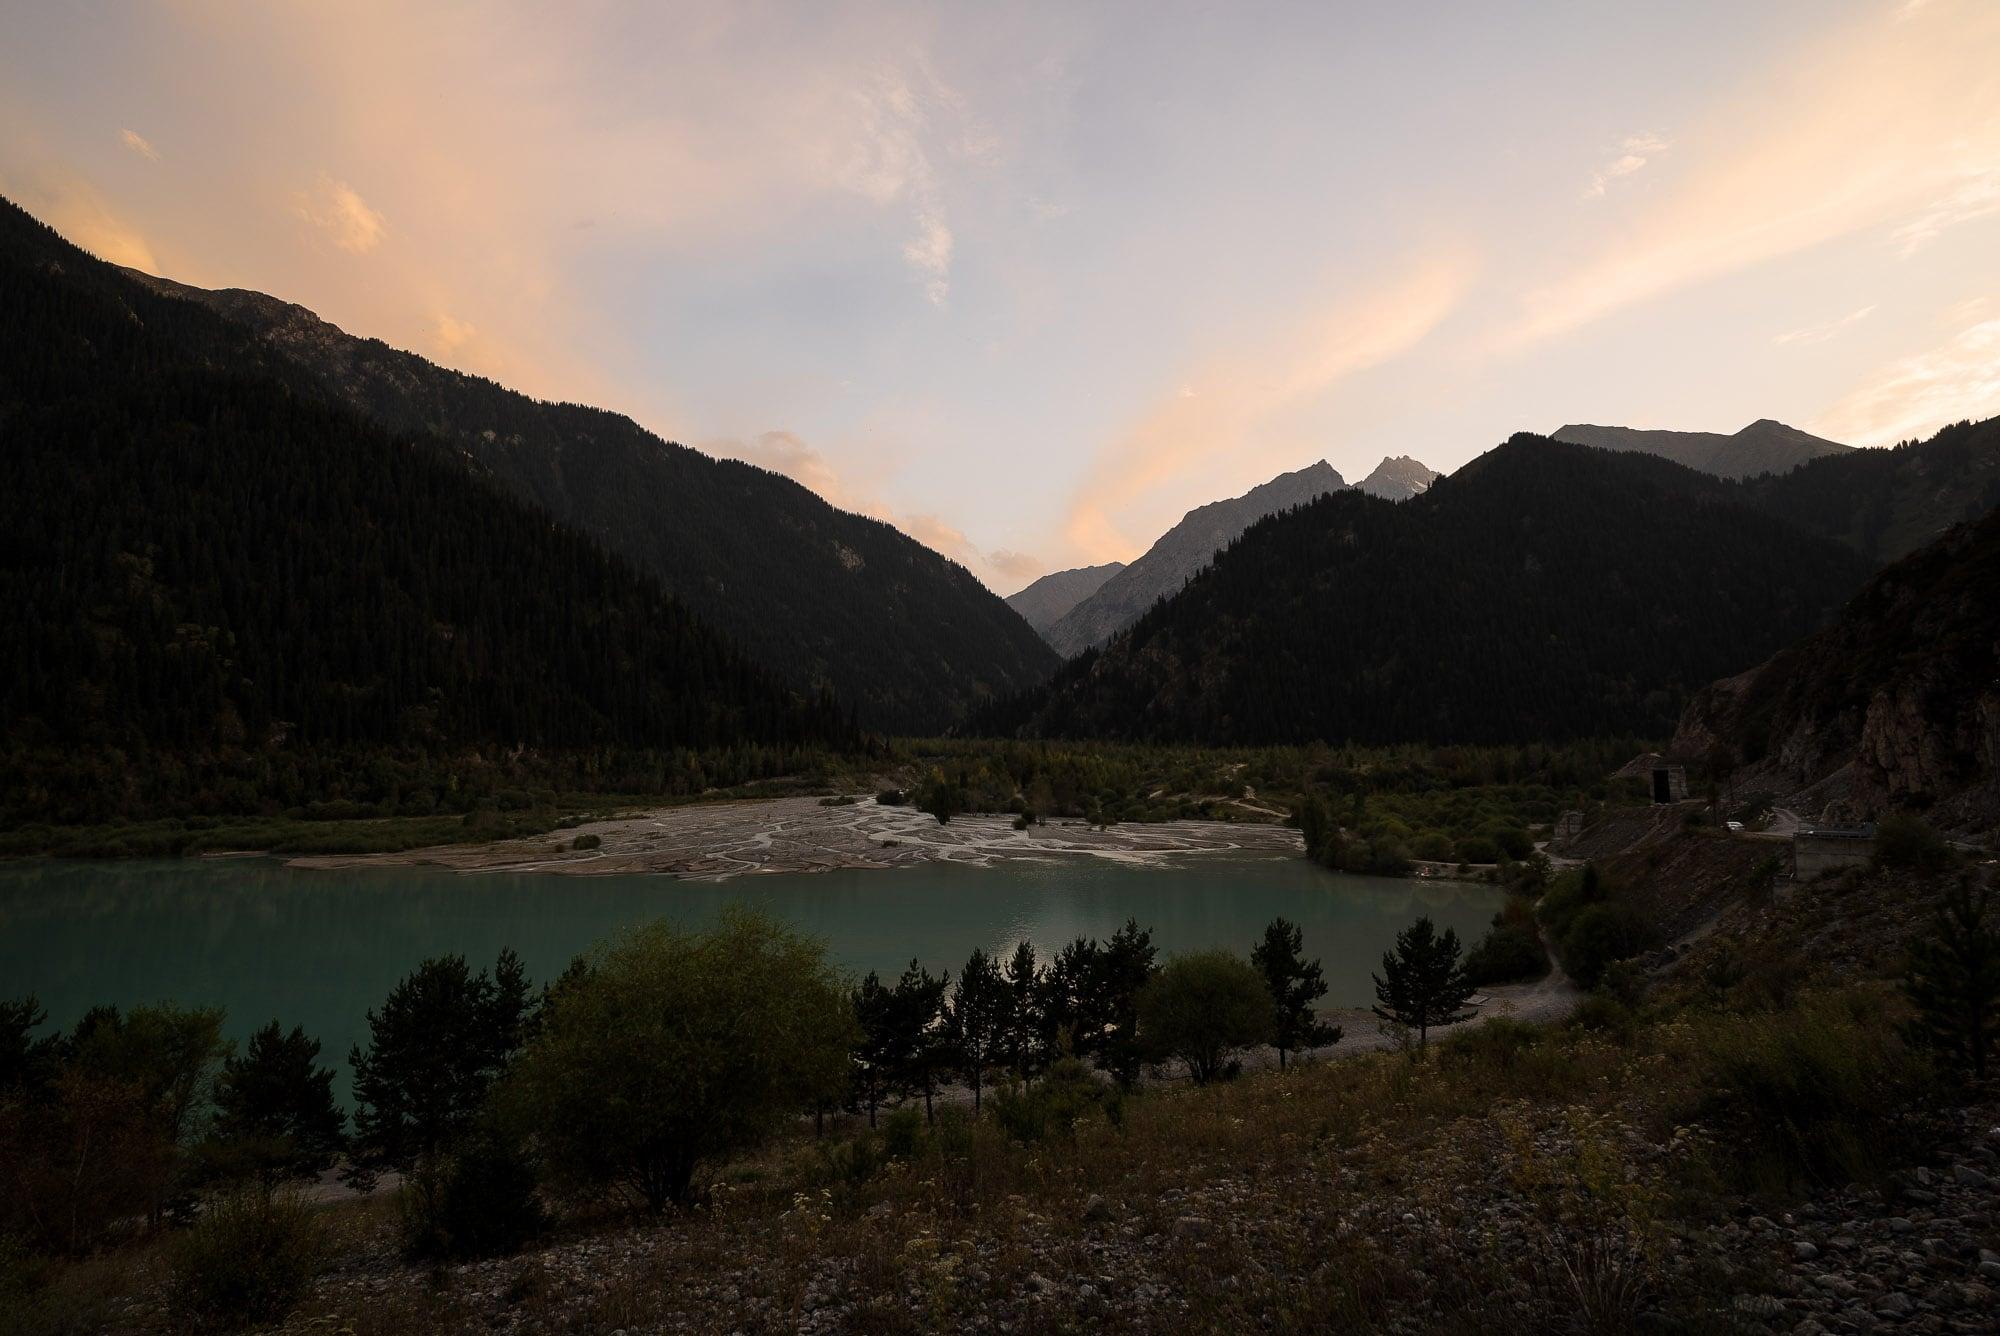 dusk over Lake Issyk